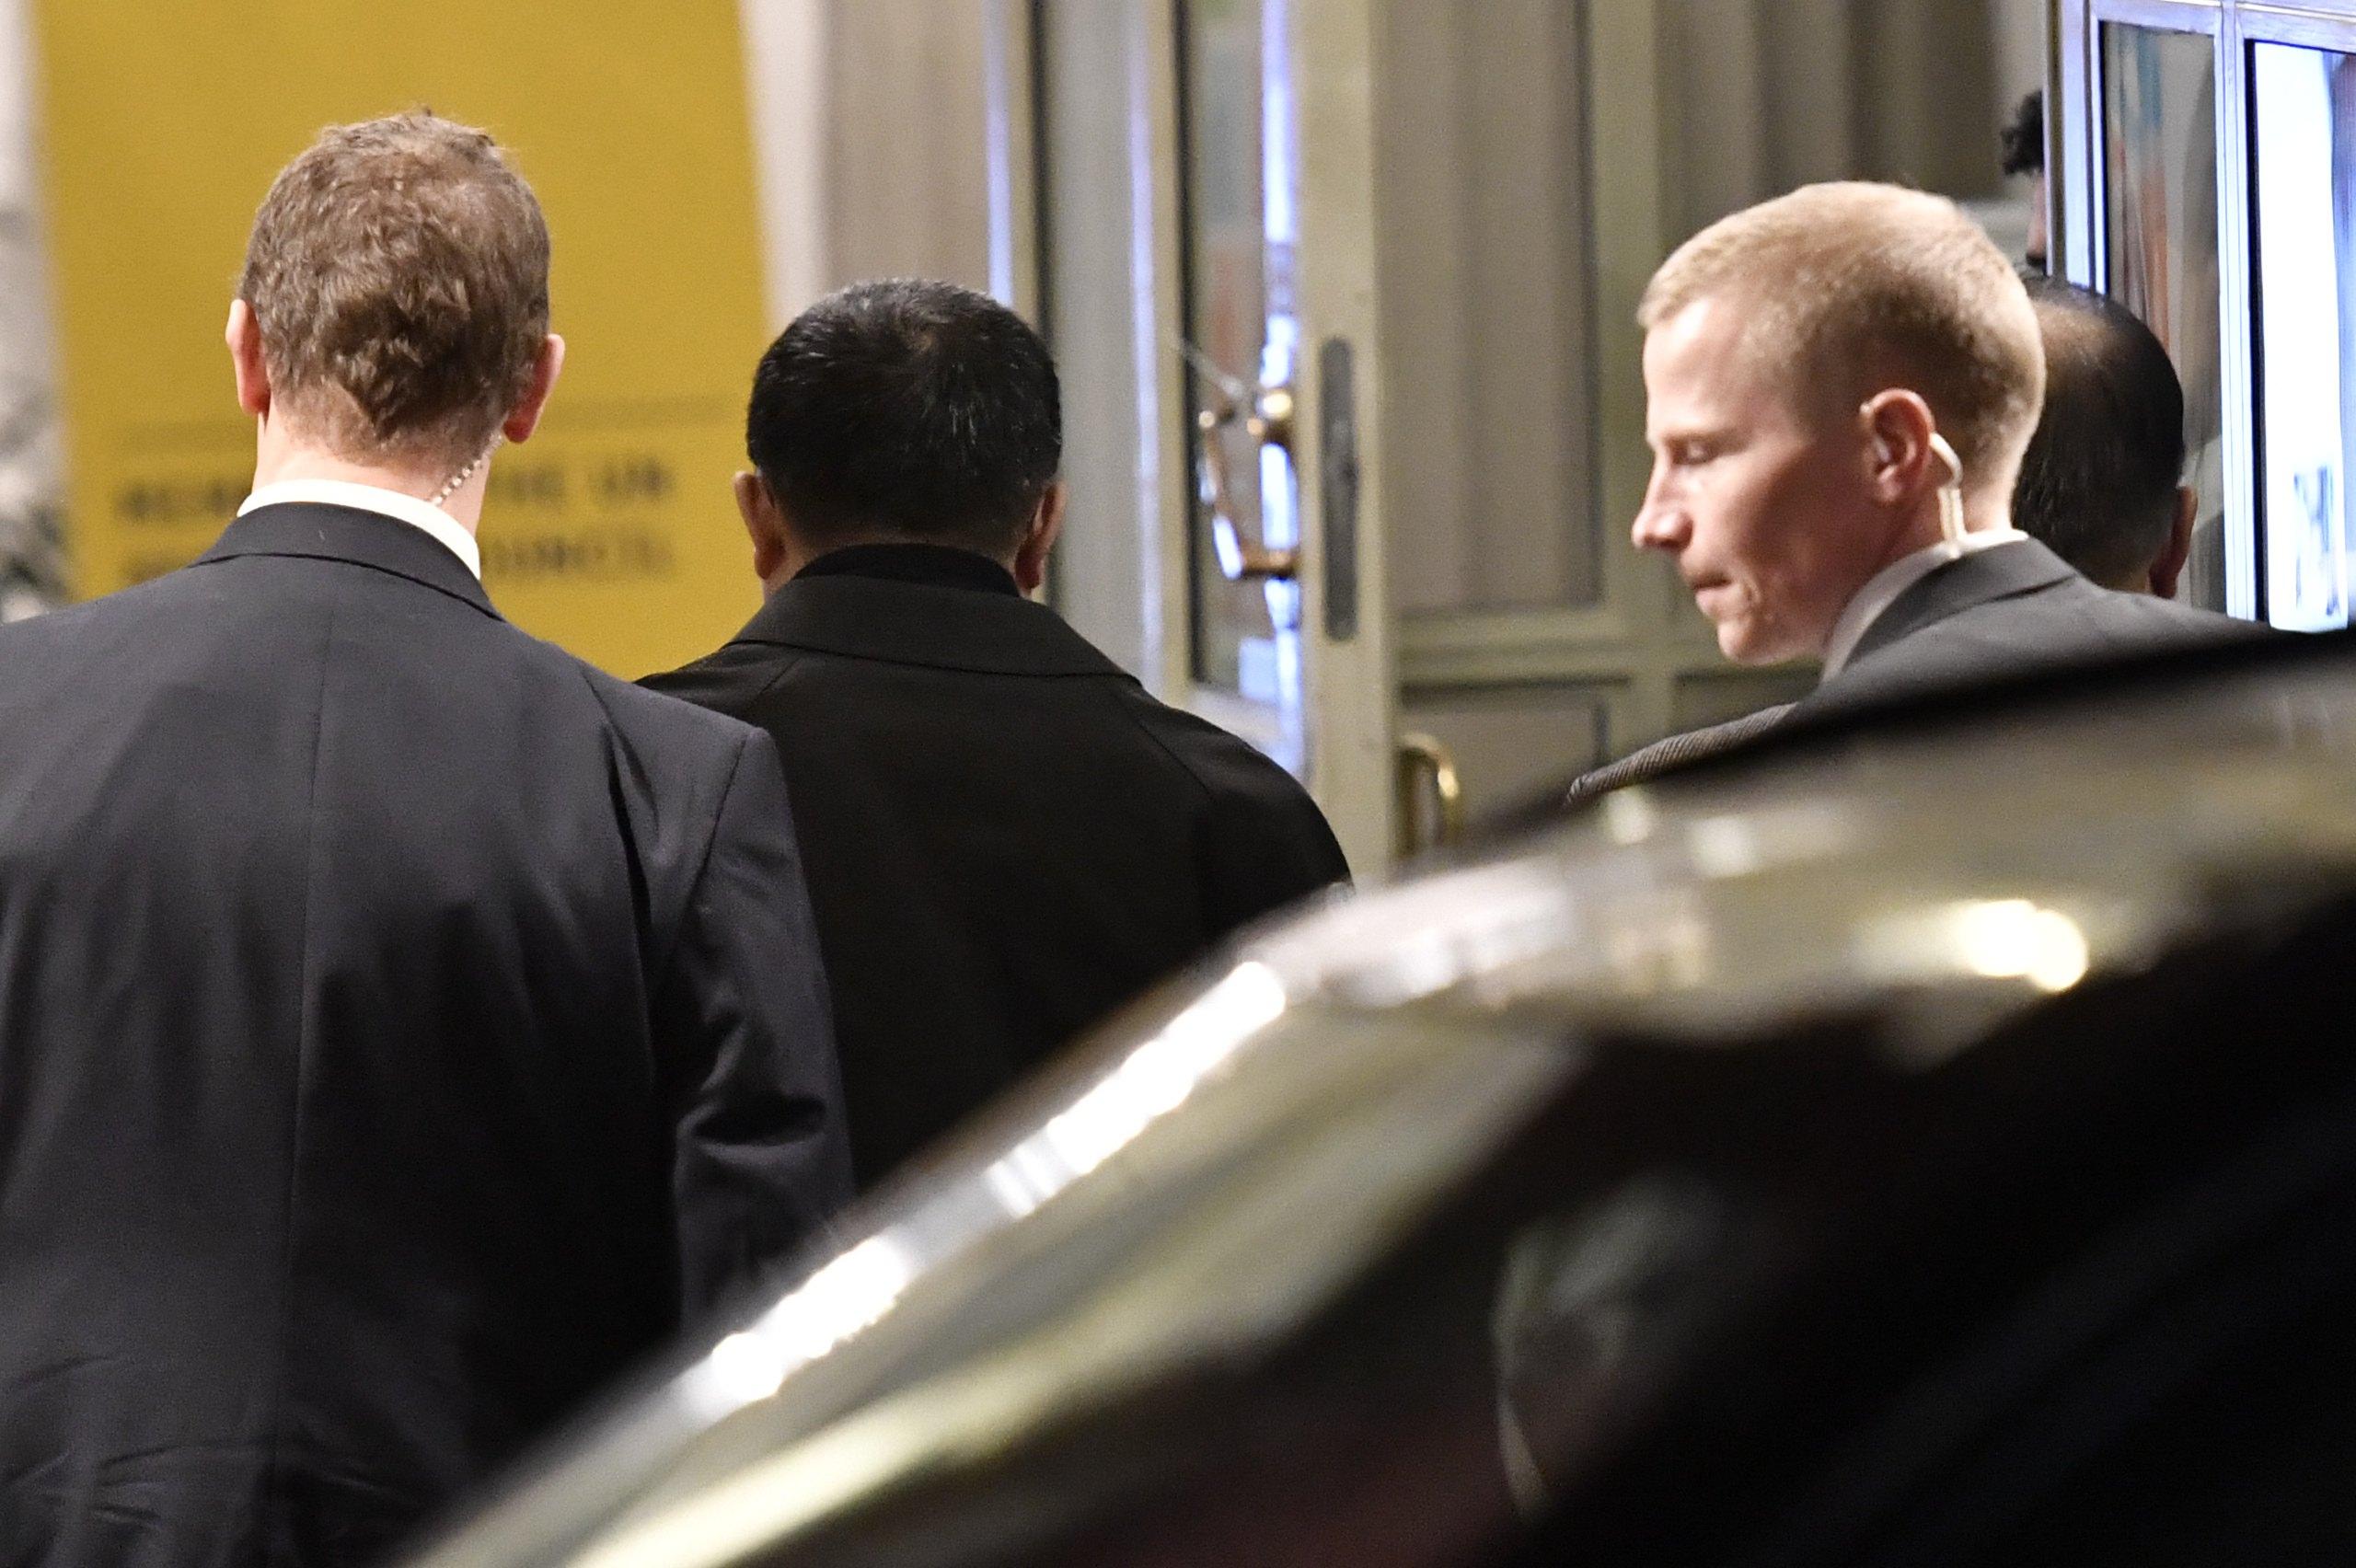 U Švedsku doputovao sjevernokorejski ministar vanjskih poslova zbog mogućeg susreta Trumpa i Kima